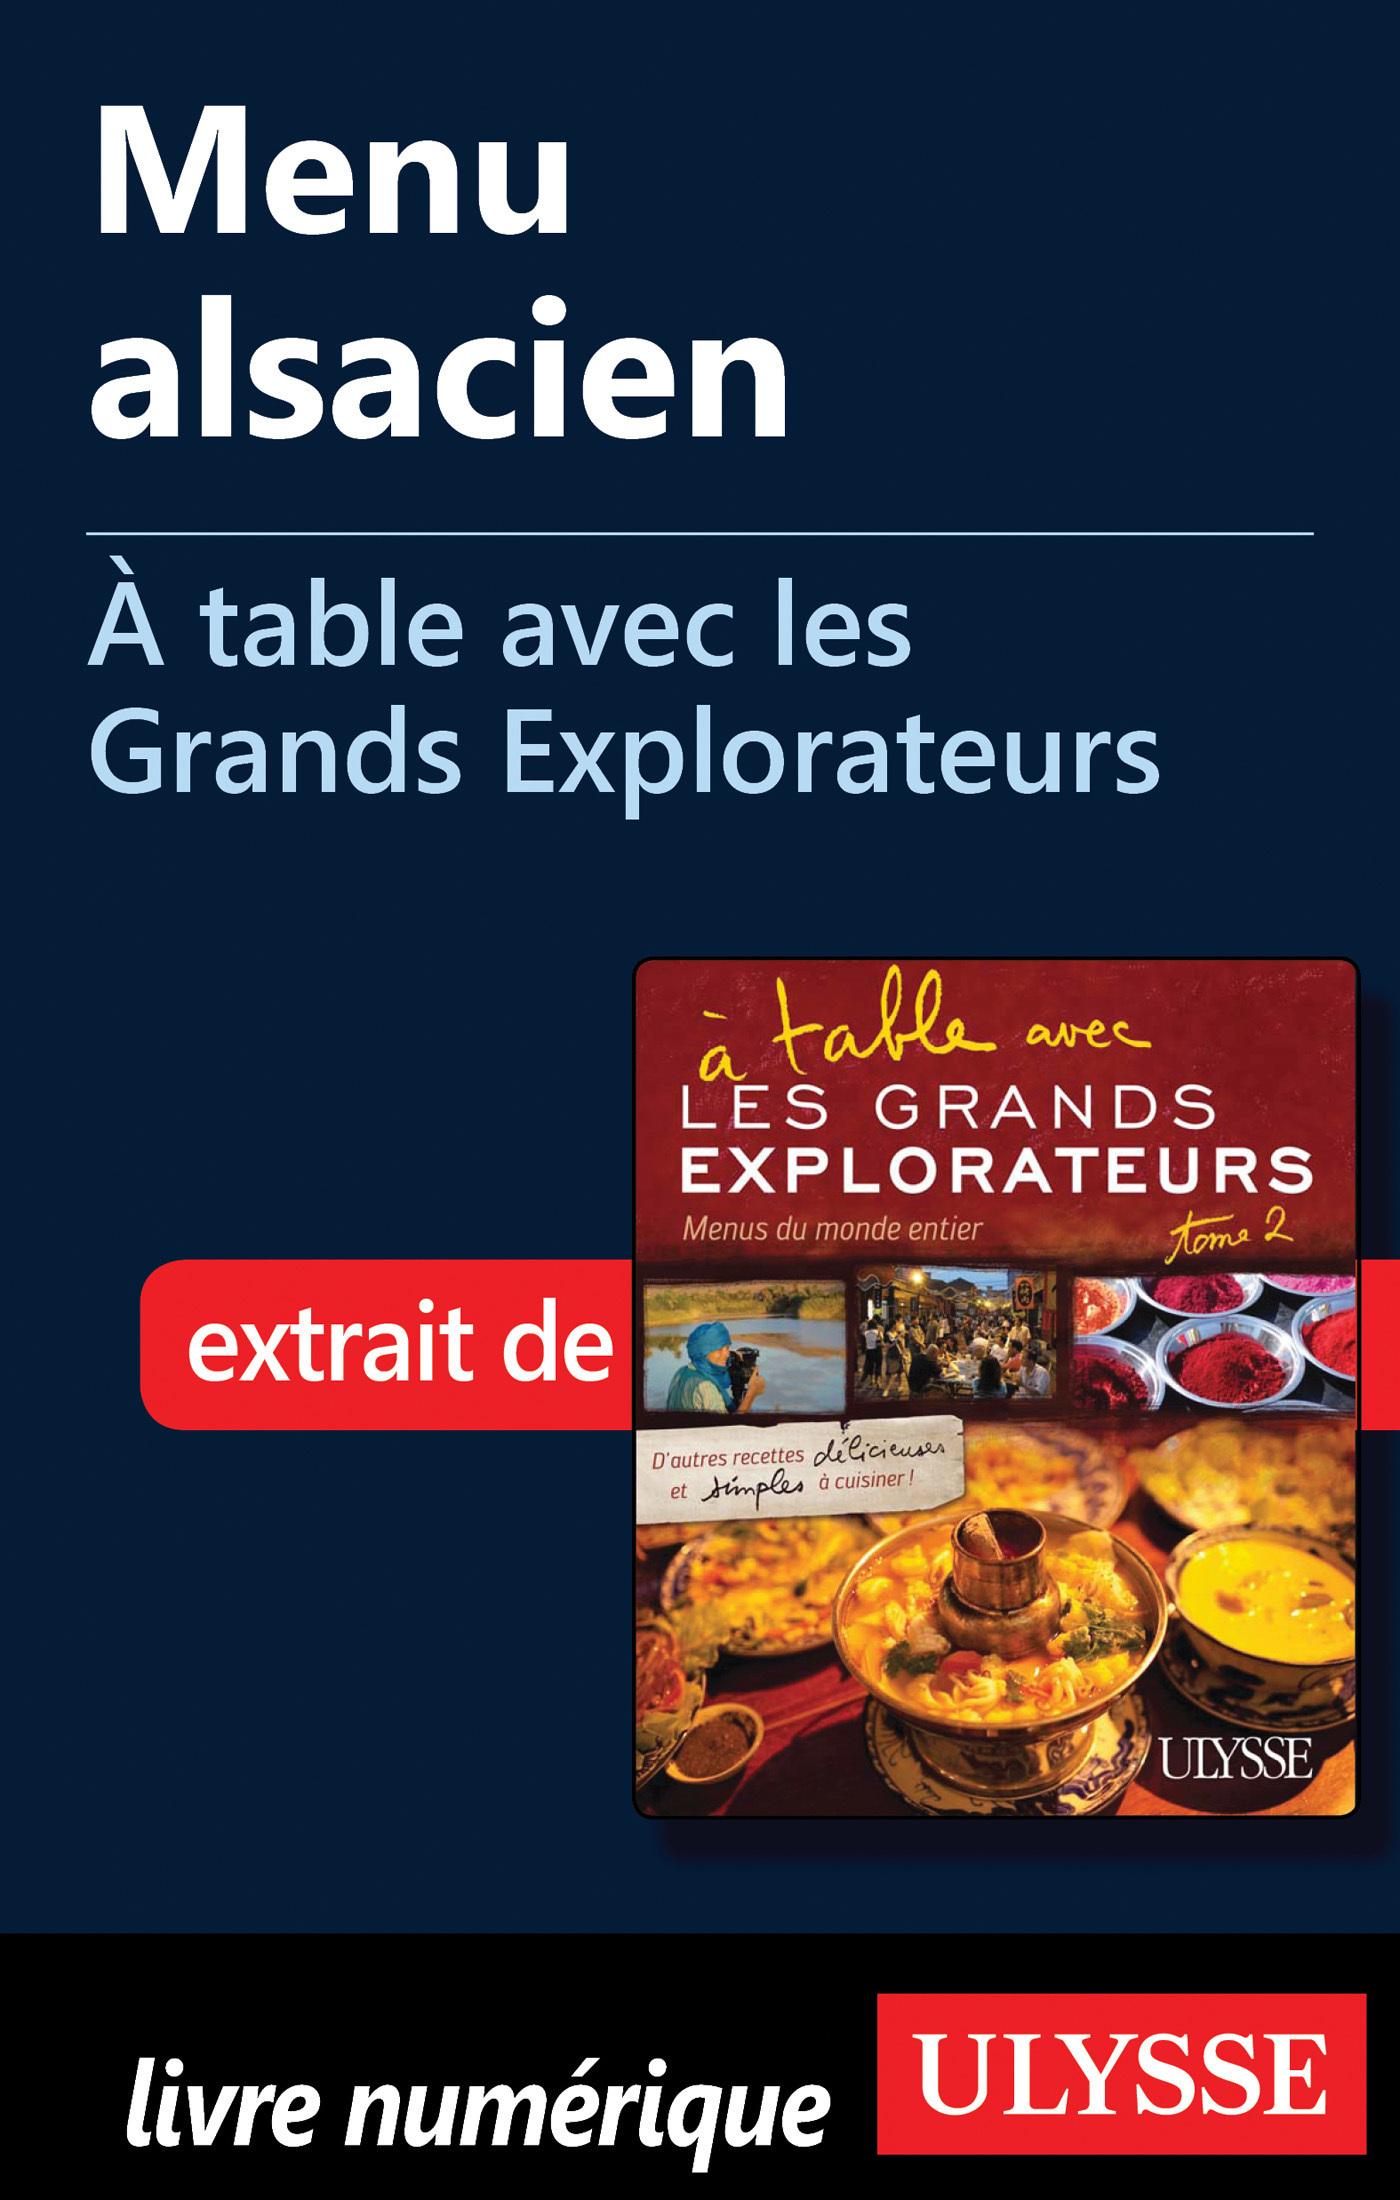 Menu alsacien - A table avec les Grands Explorateurs